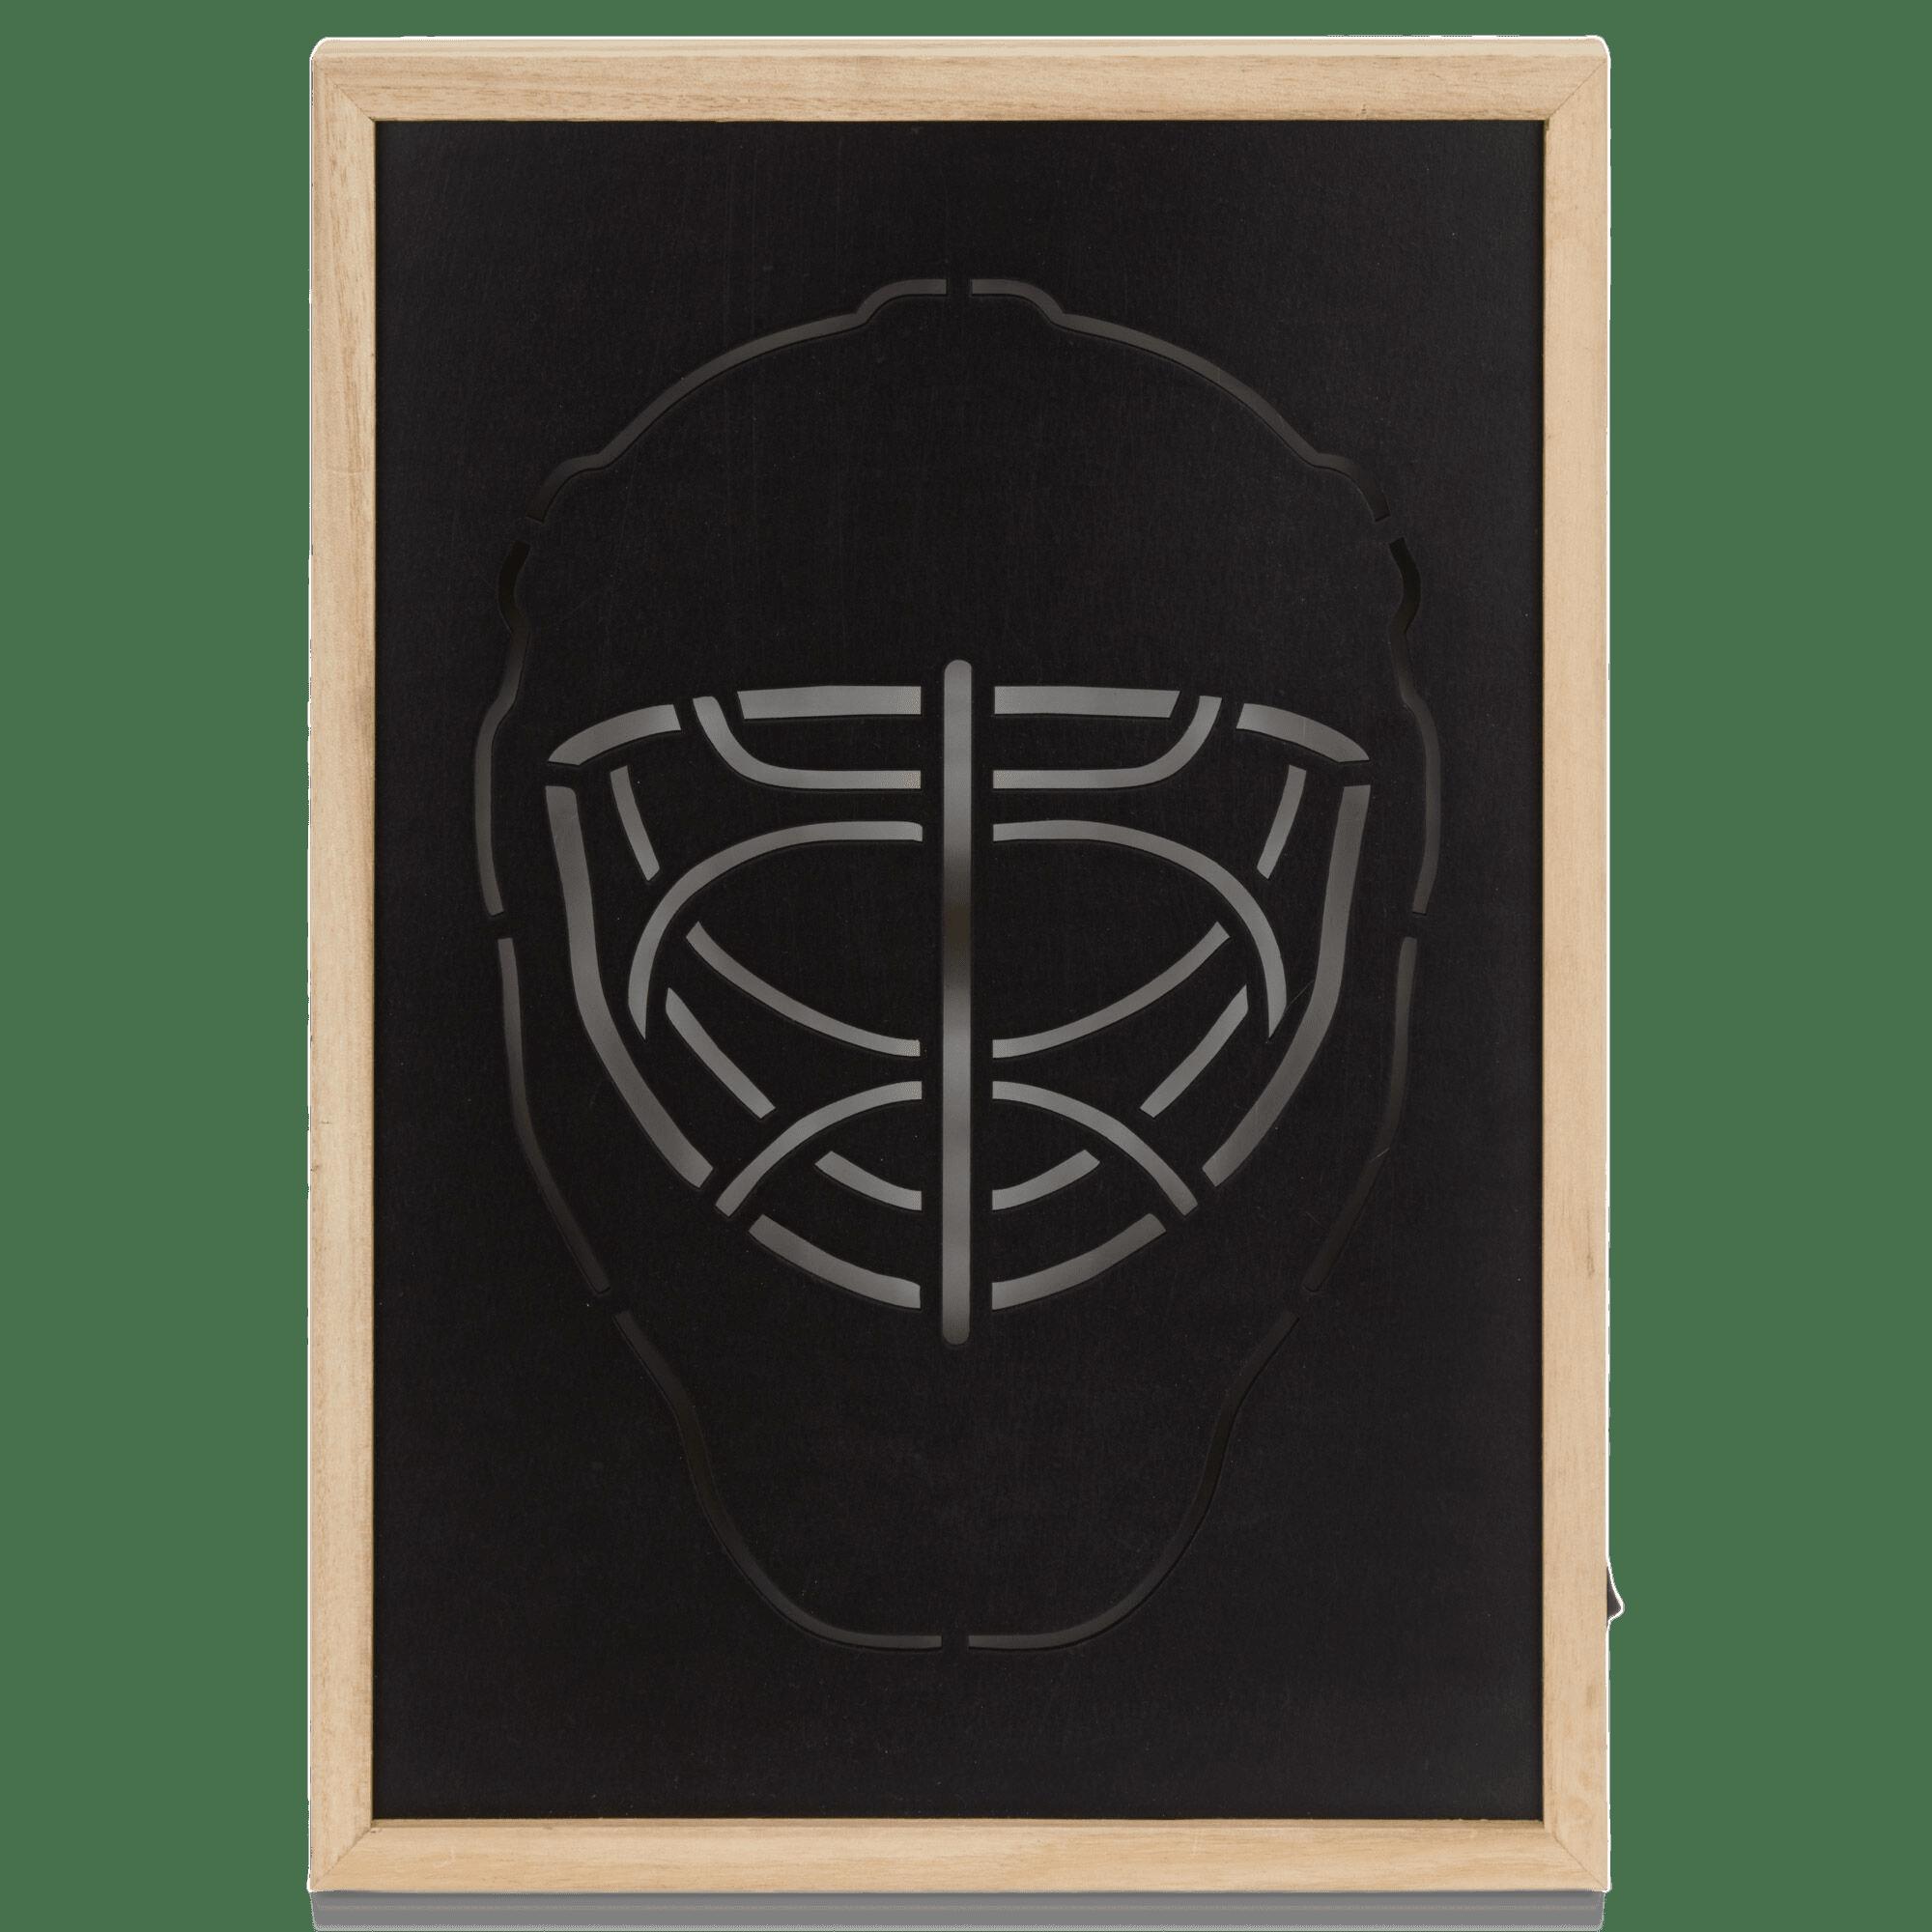 Decorative Hockey Mask LED Light